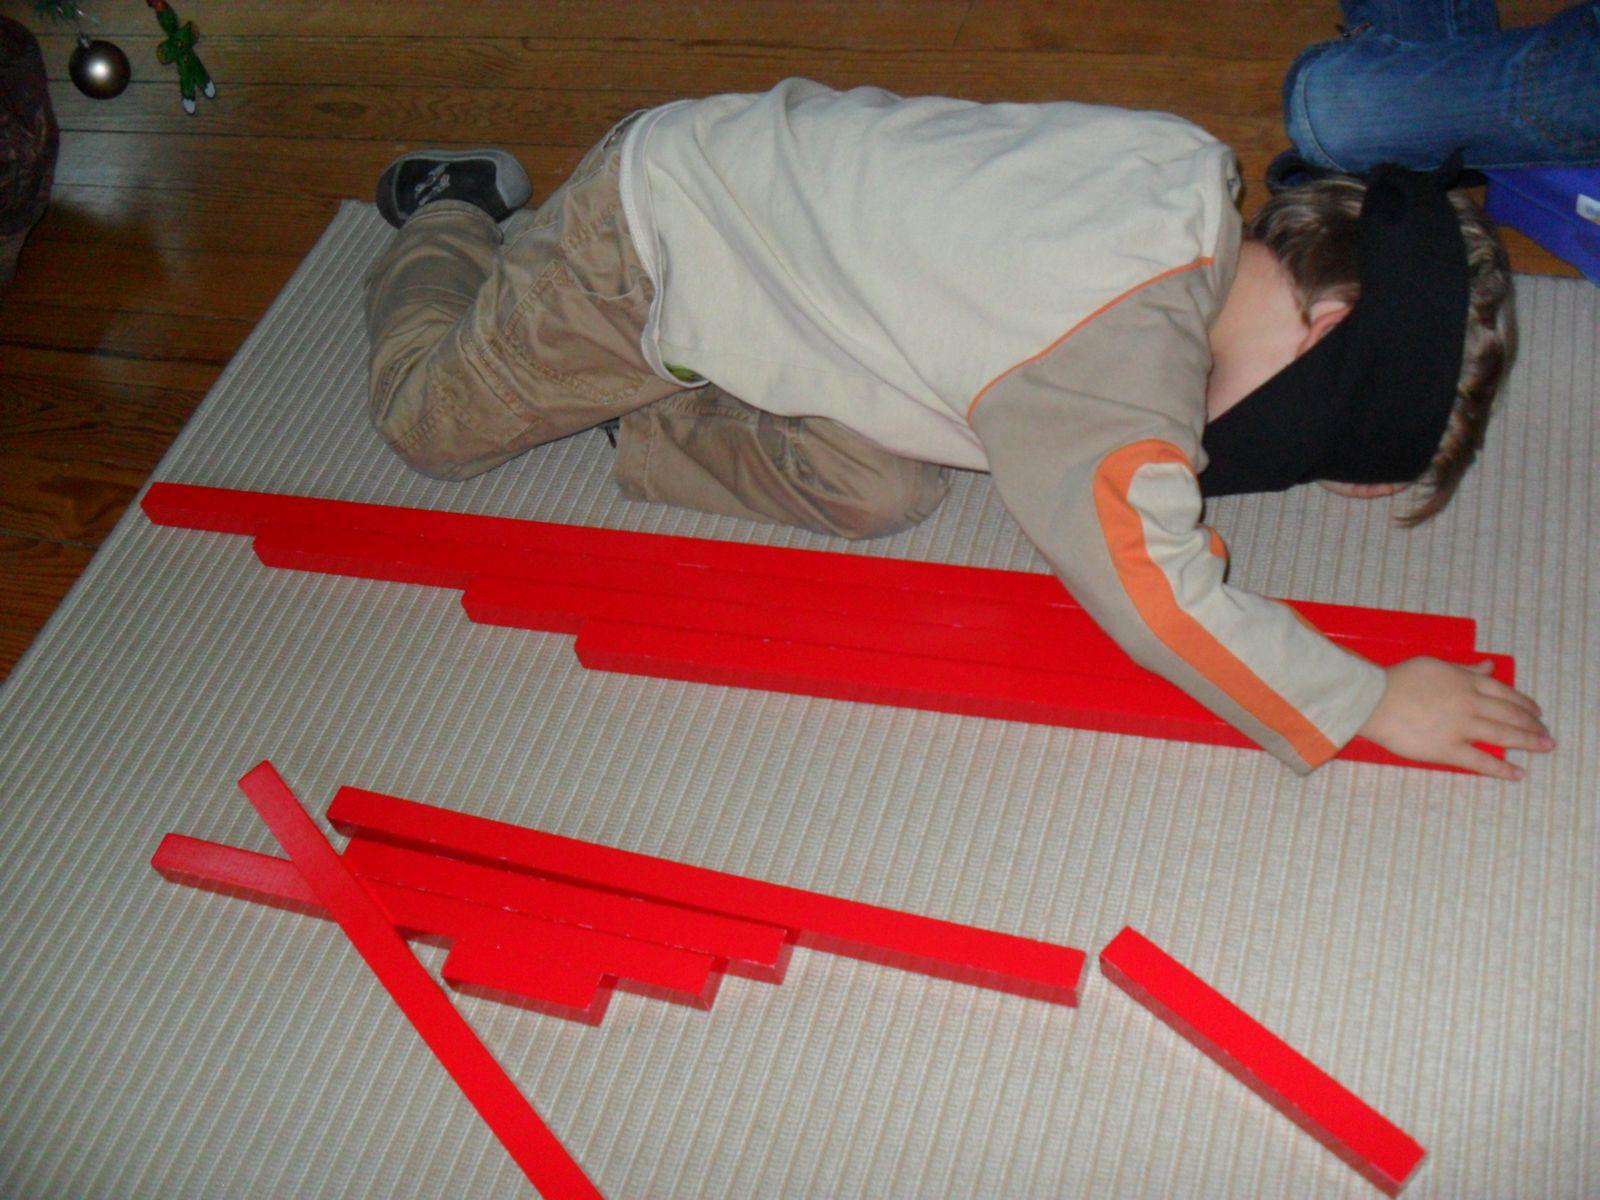 Il aligne les barres d'un côté et se concentre pour être précis. Sans cela, il ne pourra pas réussir l'activité.